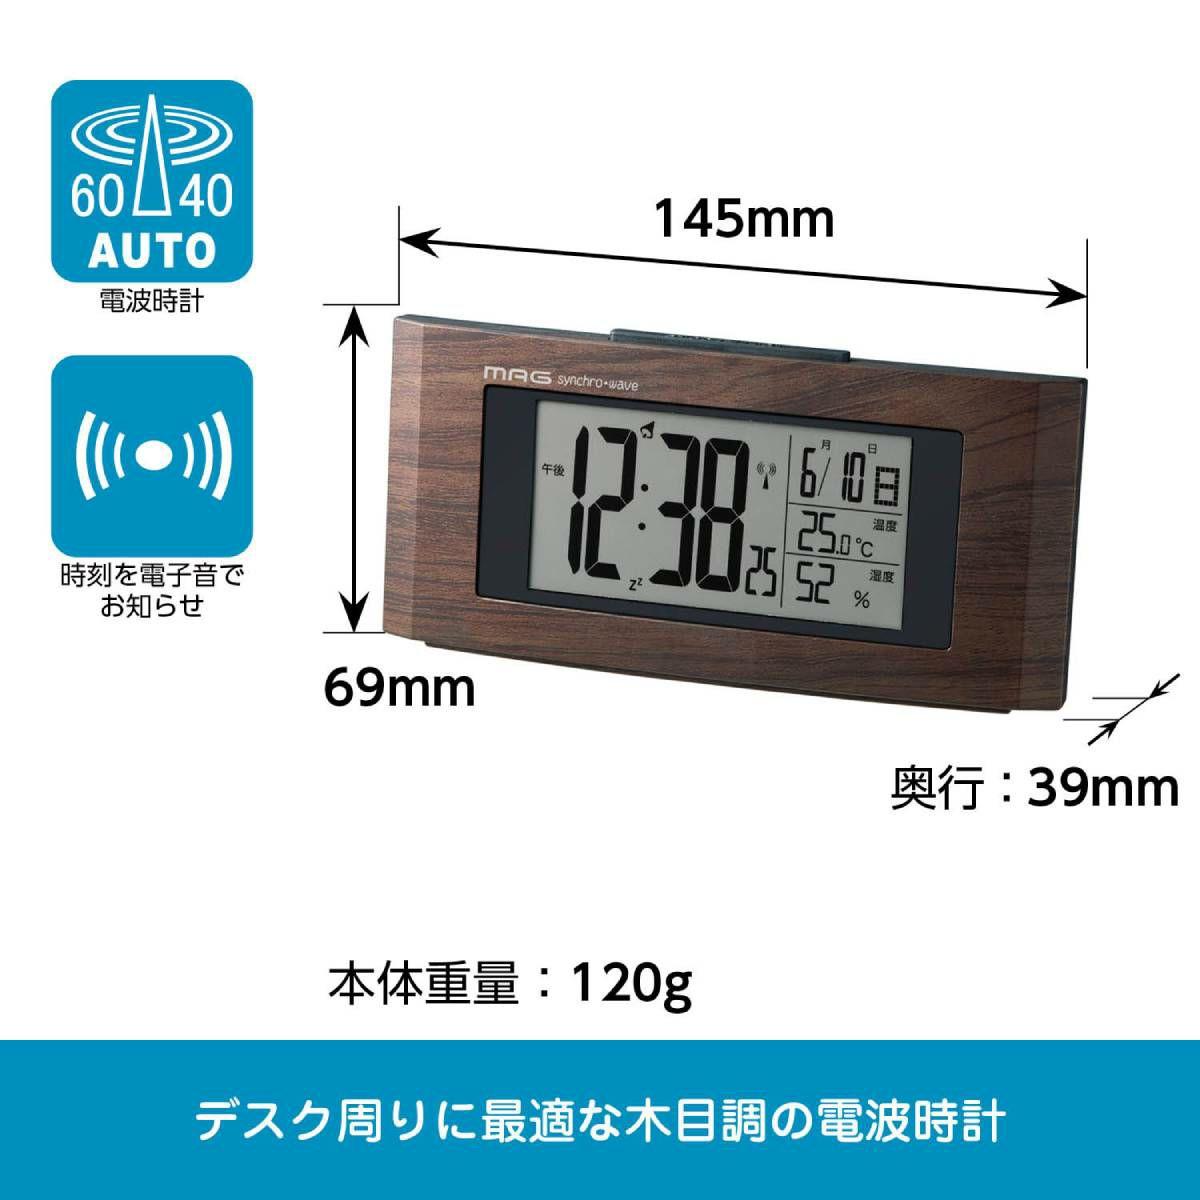 ≪メーカー直販≫ MAG(マグ) デジタル 電波時計 置時計 目覚まし時計 温度計 湿度計 静音 テレワーク リモートワーク 自宅勤務 便利グッズ カレンダー ウッドライン T-743 木目調 ブラウン 1台